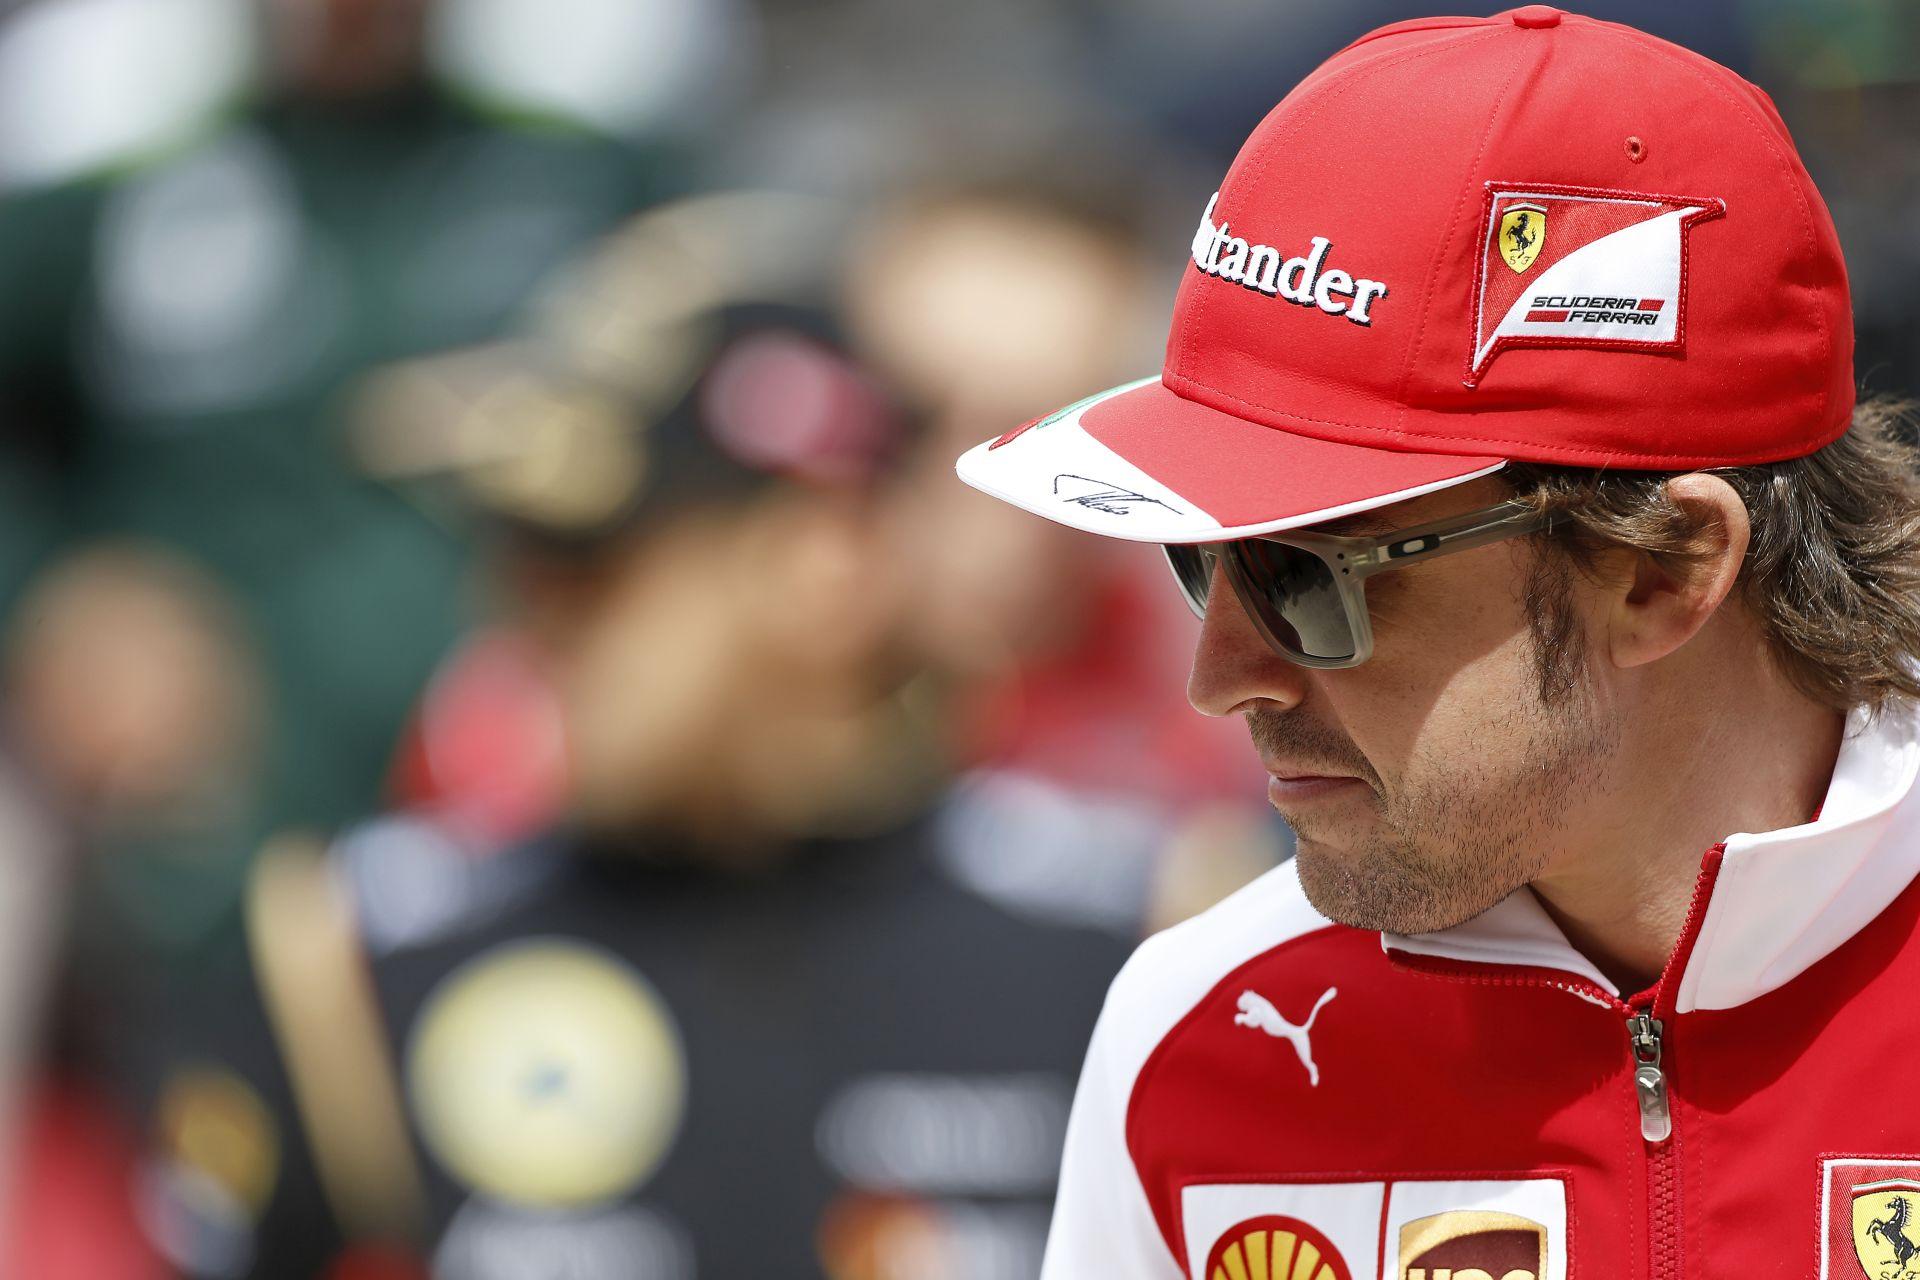 Alonso technikai garanciát és nagyon sok pénzt kér a Ferraritól a maradásáért cserébe